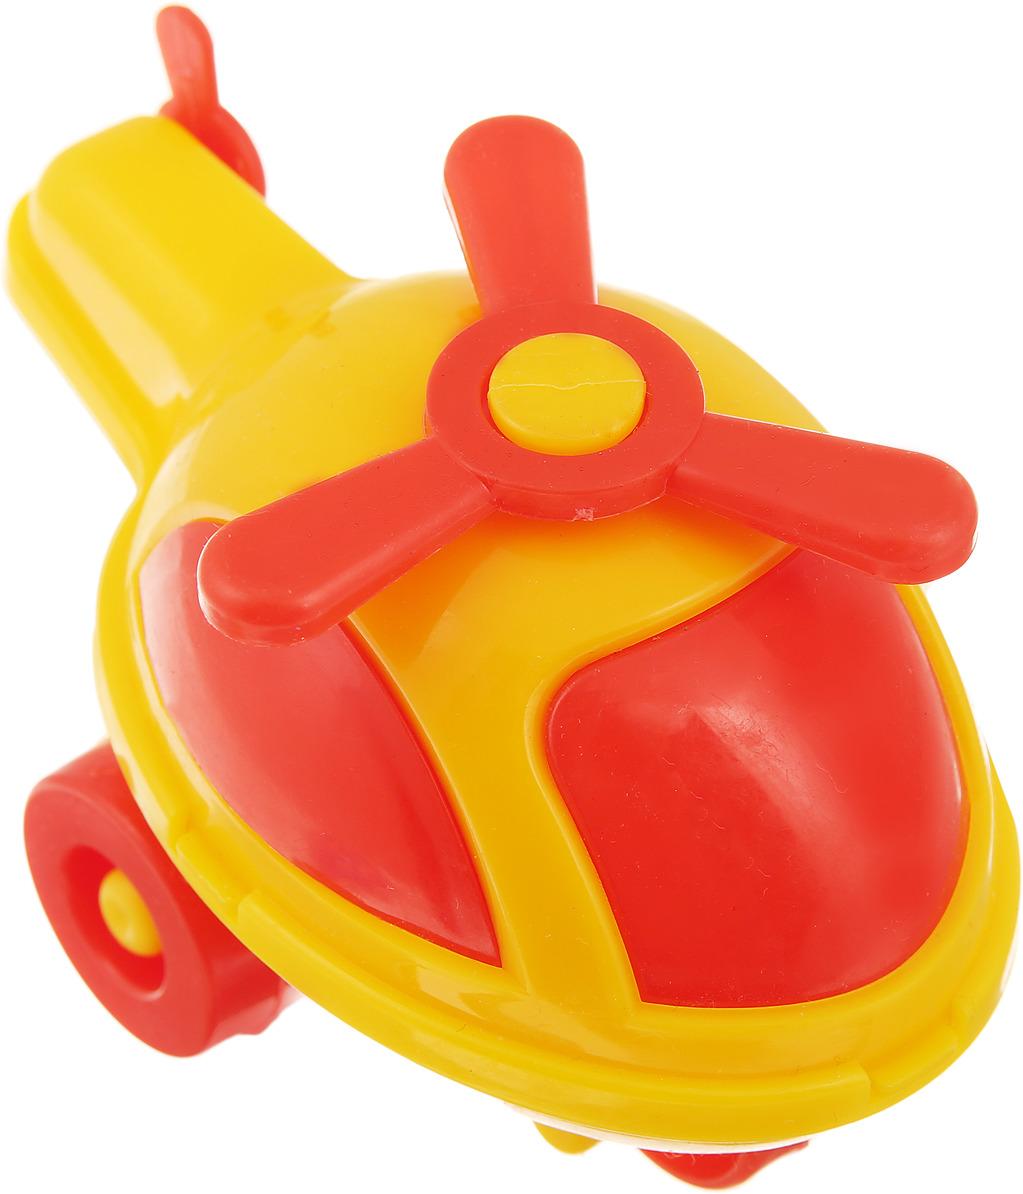 Машинка Toybola Вертолетик, TB-022-no, цвет желтый пижама для мальчика веселый малыш вертолетик цвет зеленый 9214 вертолетик размер 92